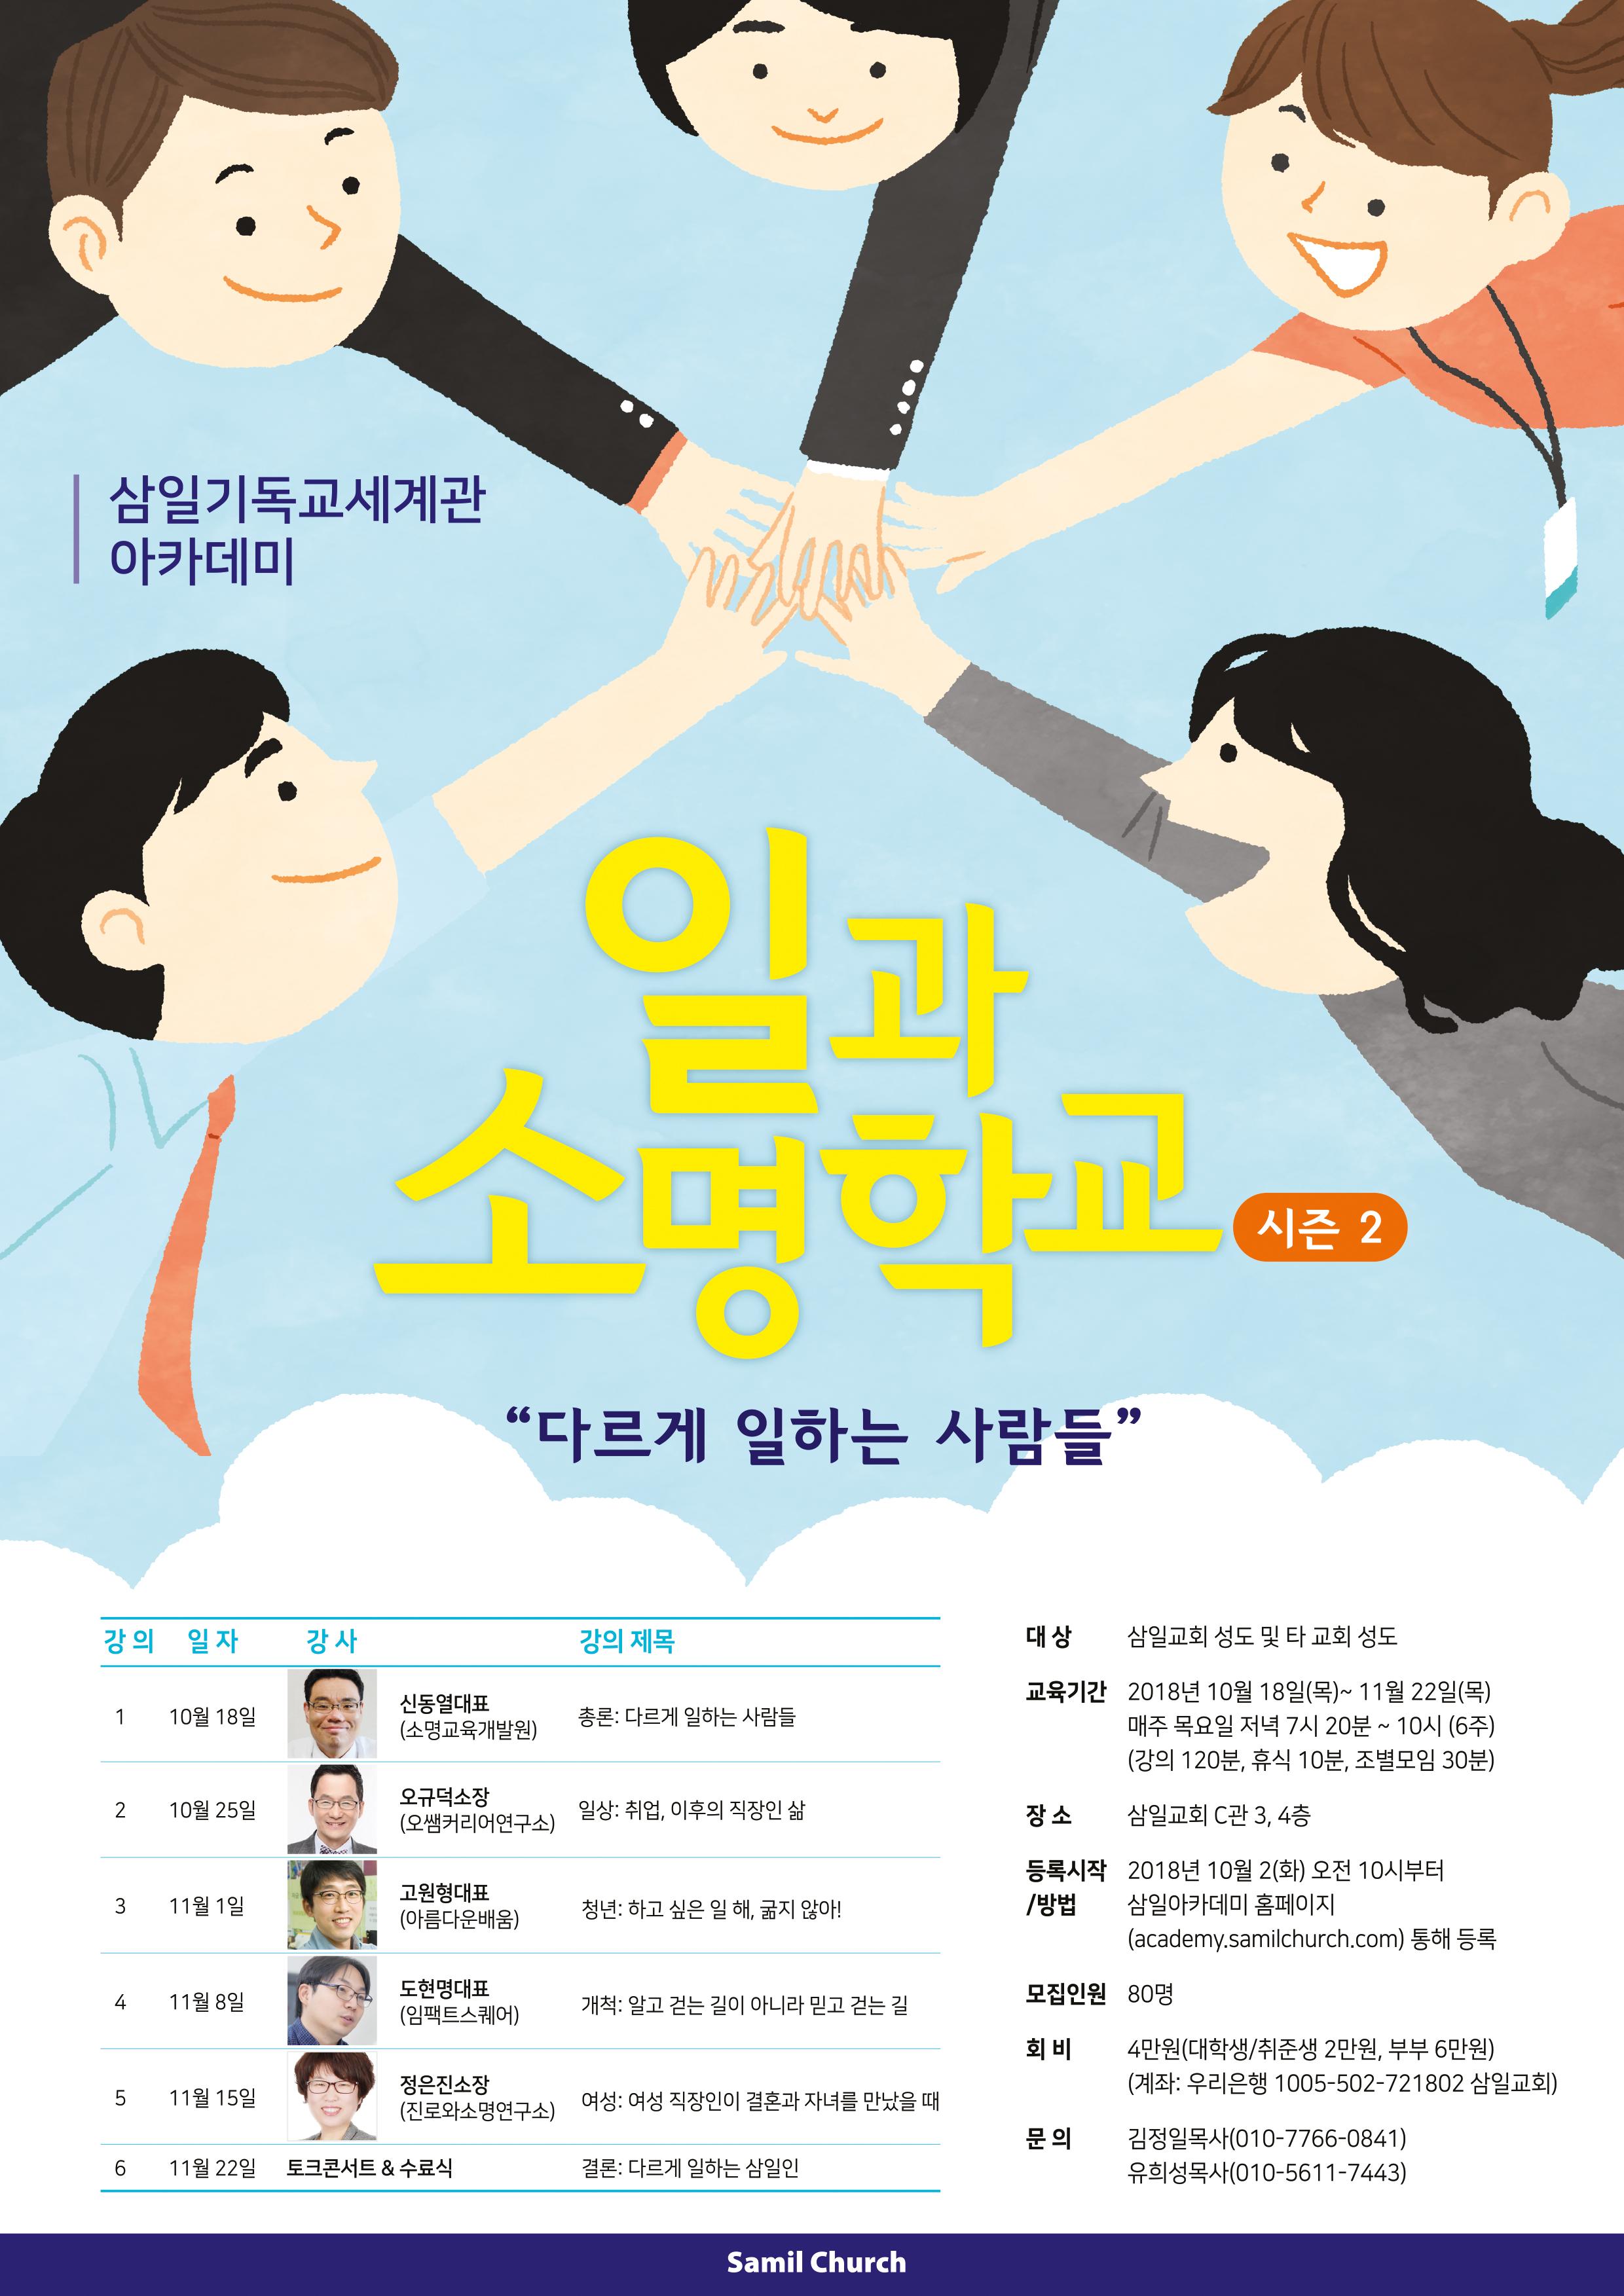 일과소명학교 포스터(원본).jpg